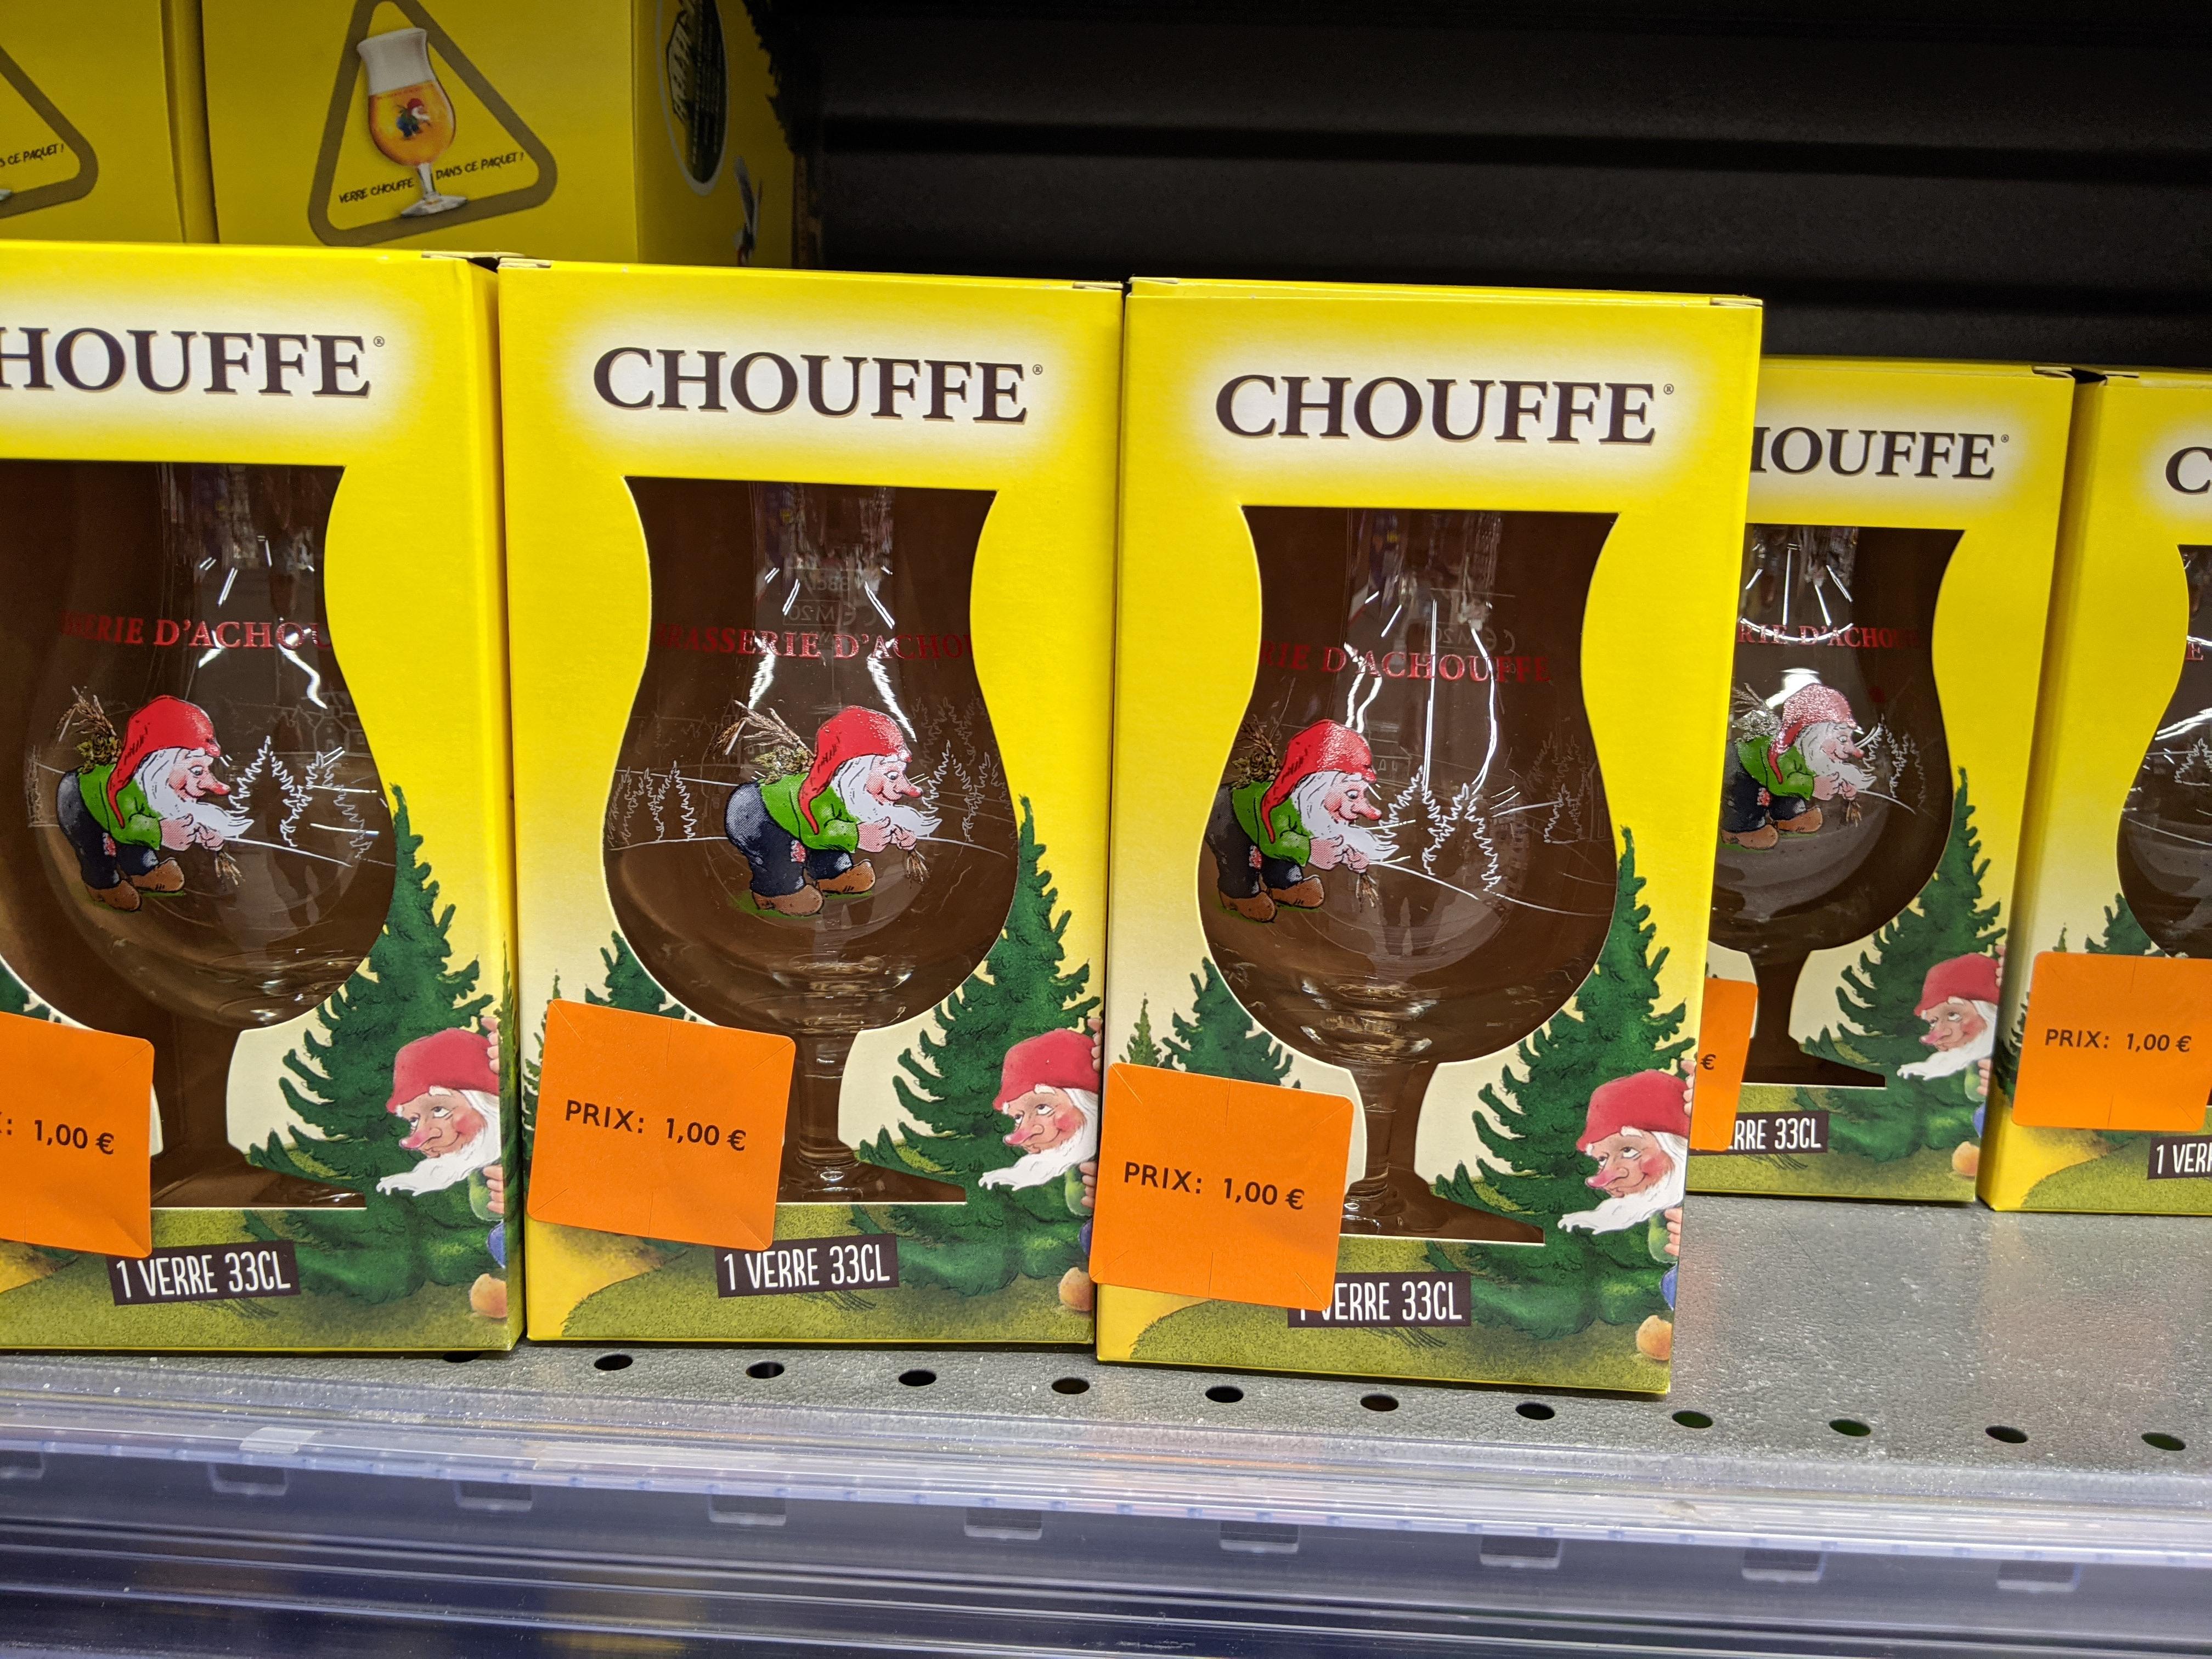 Verre à bière Chouffe 33cl - Bois-Colombes (92)